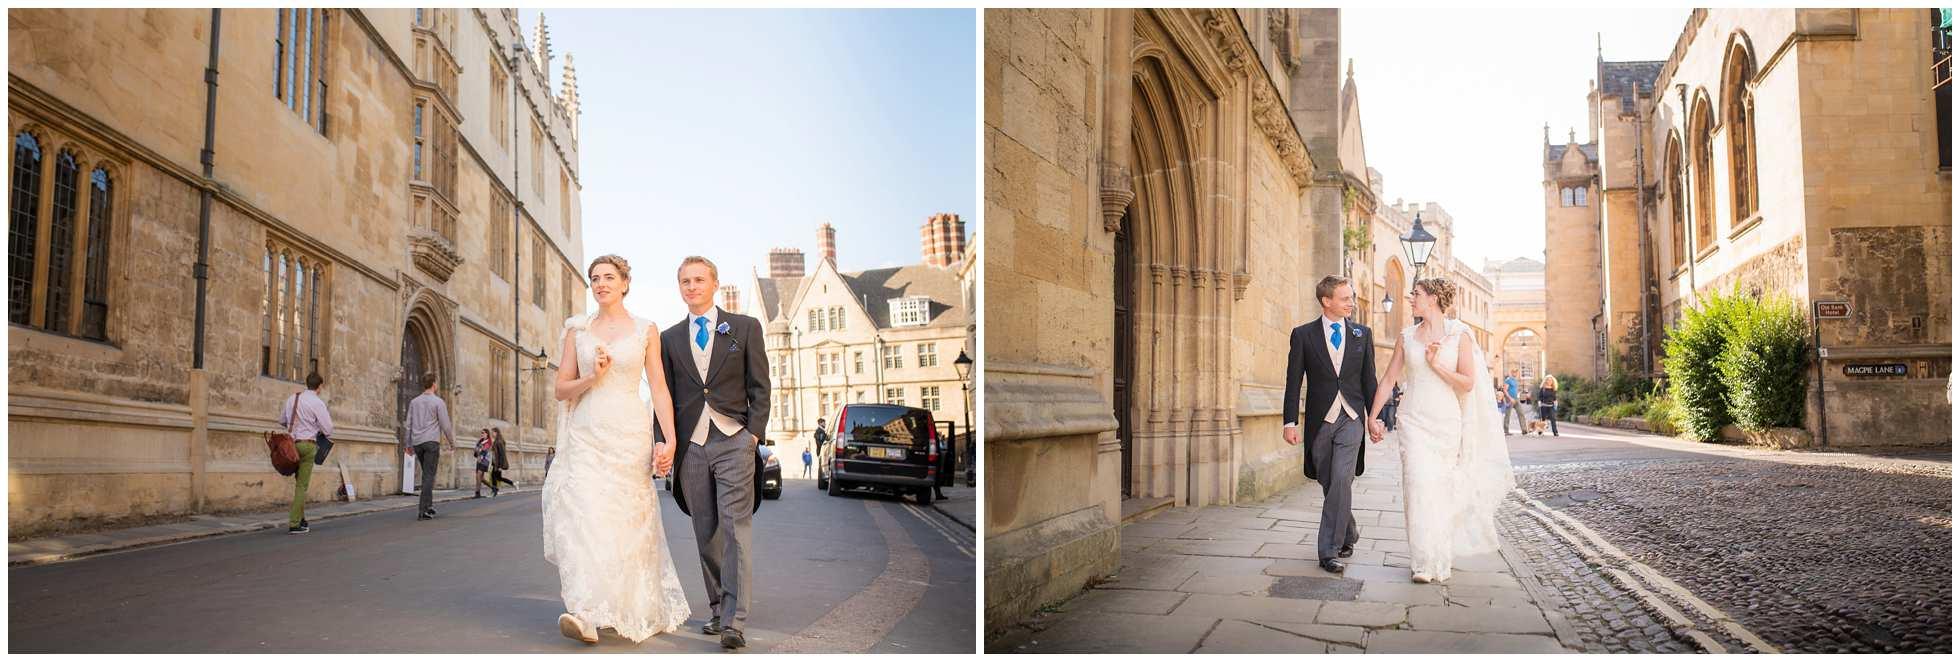 Clandestine walk through Oxford